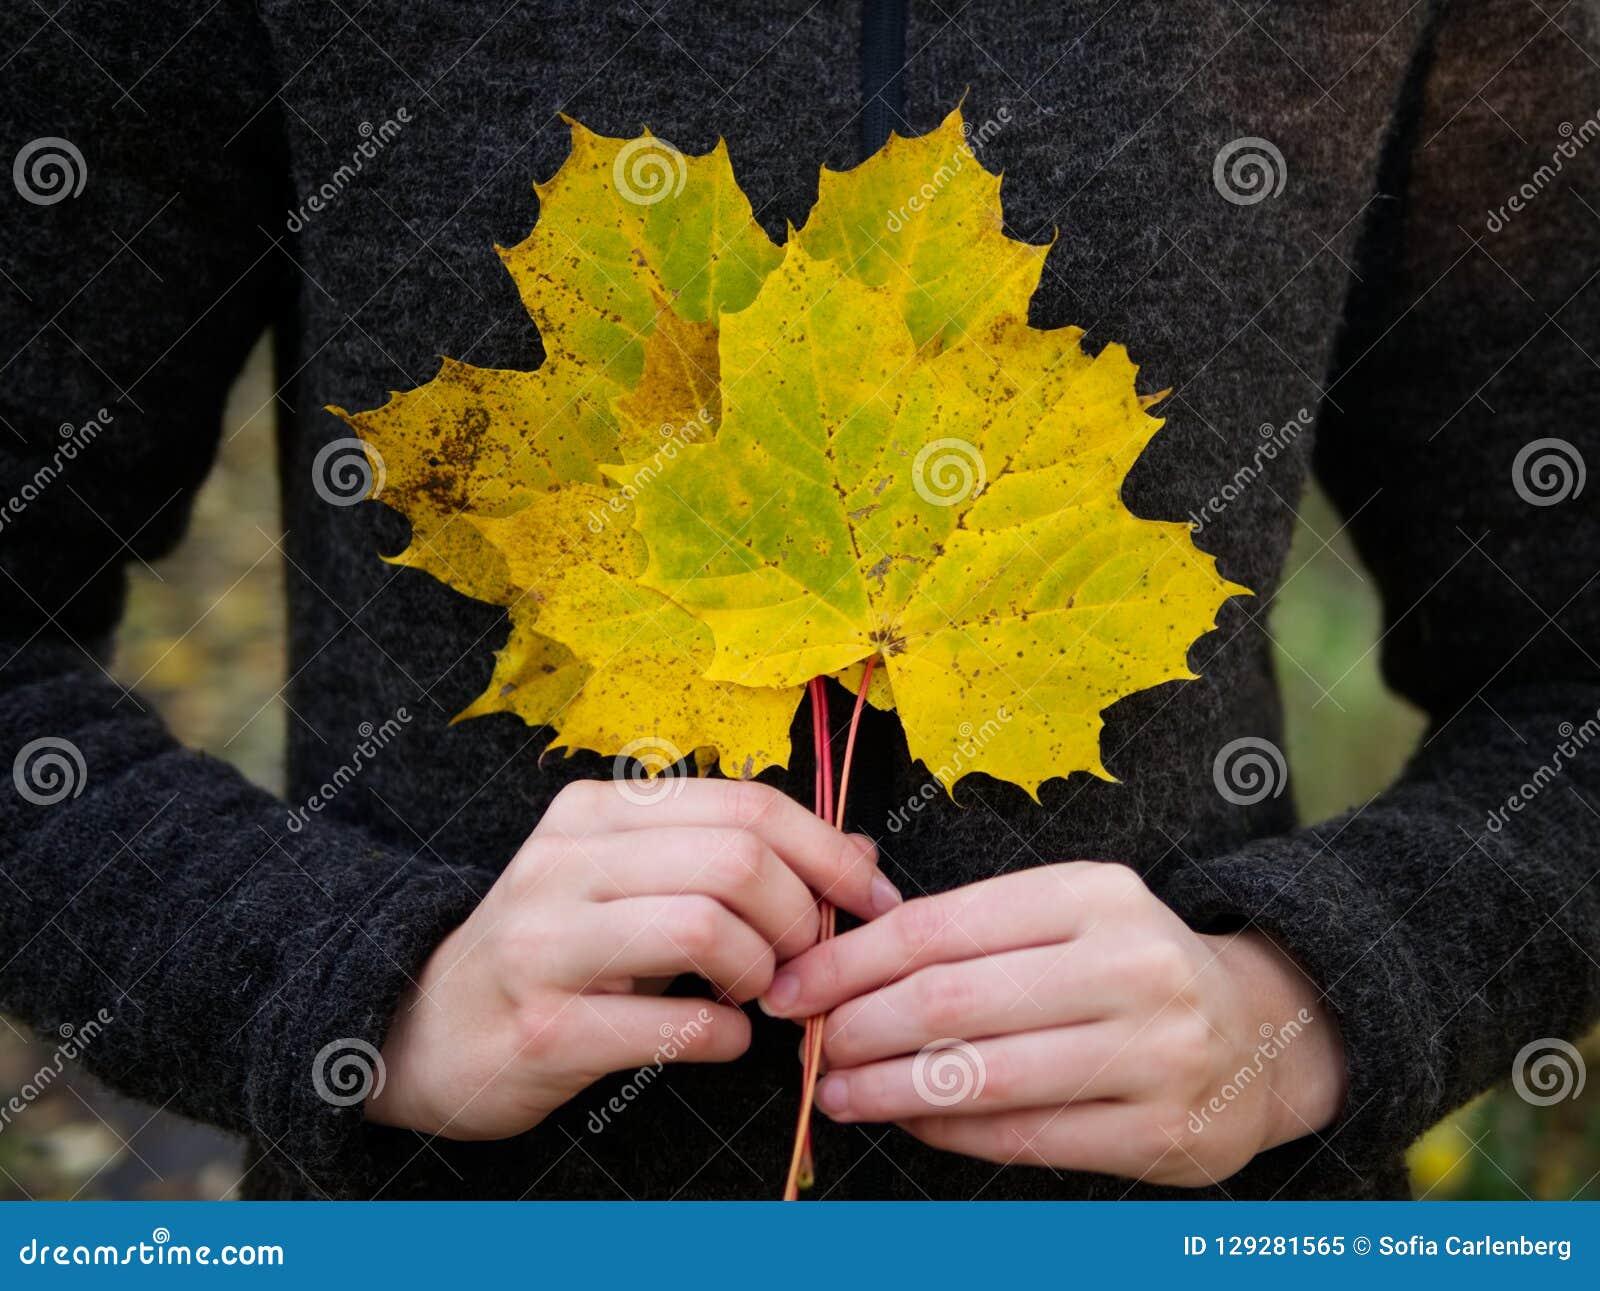 黄色槭树叶子花束由握女性手